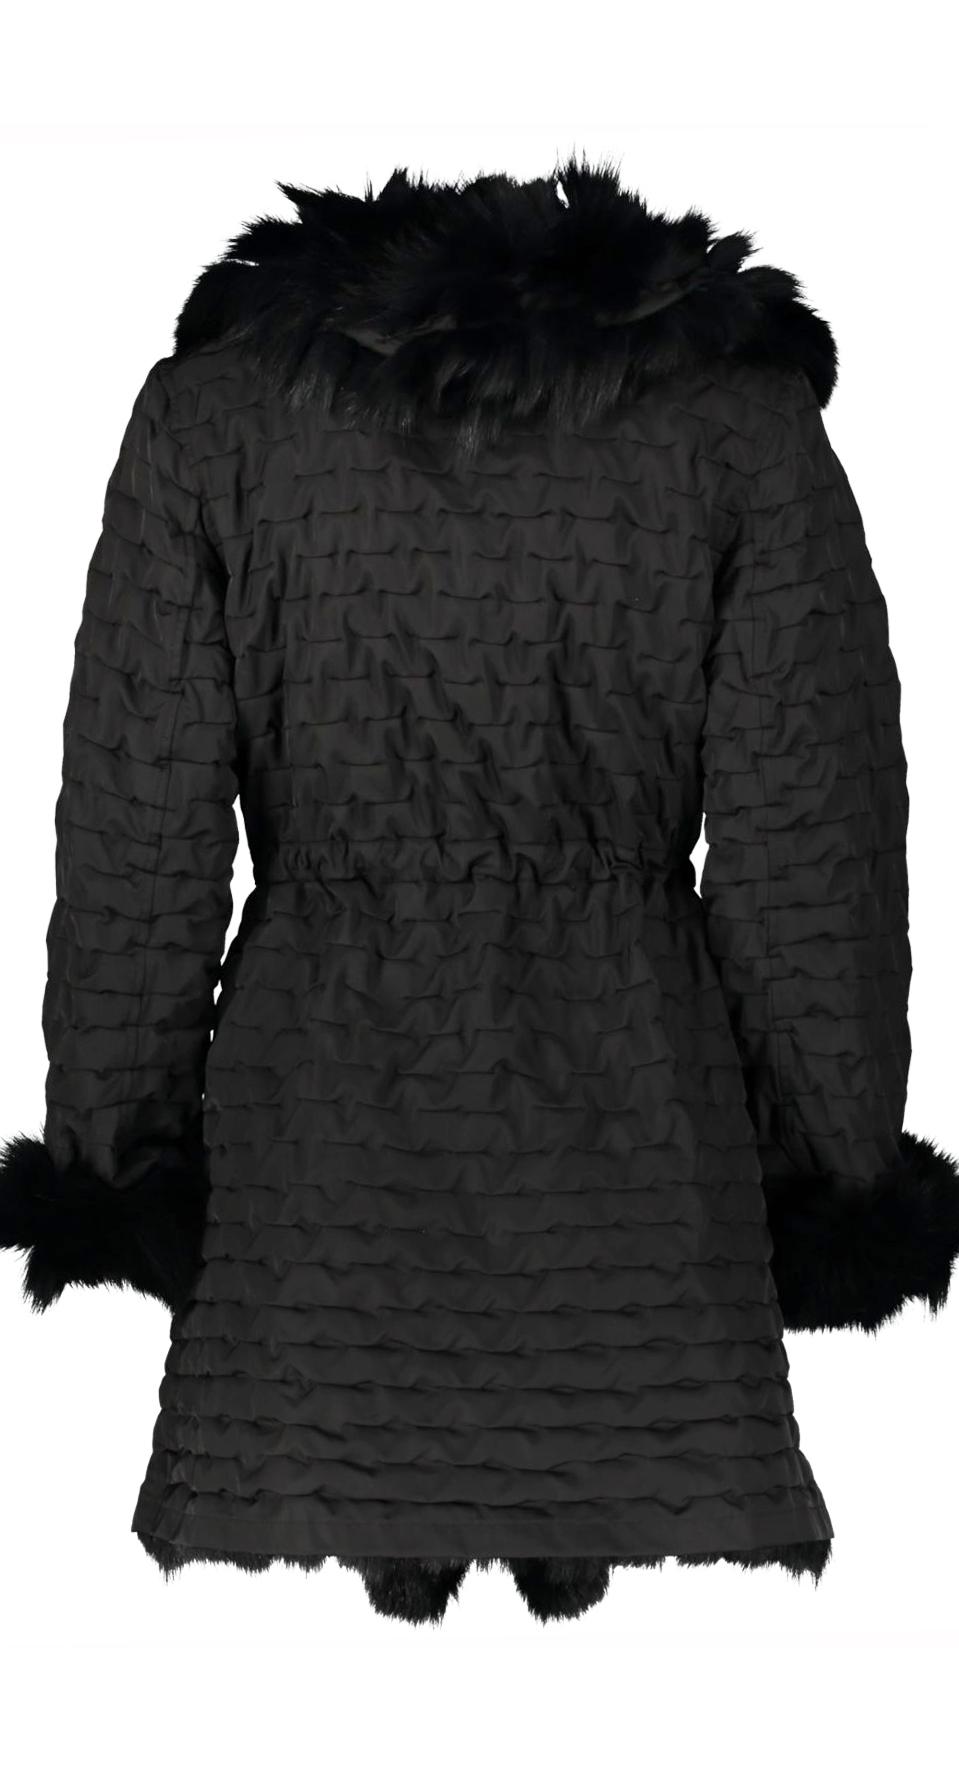 light tech fur back _Front_M1500x15000JPG